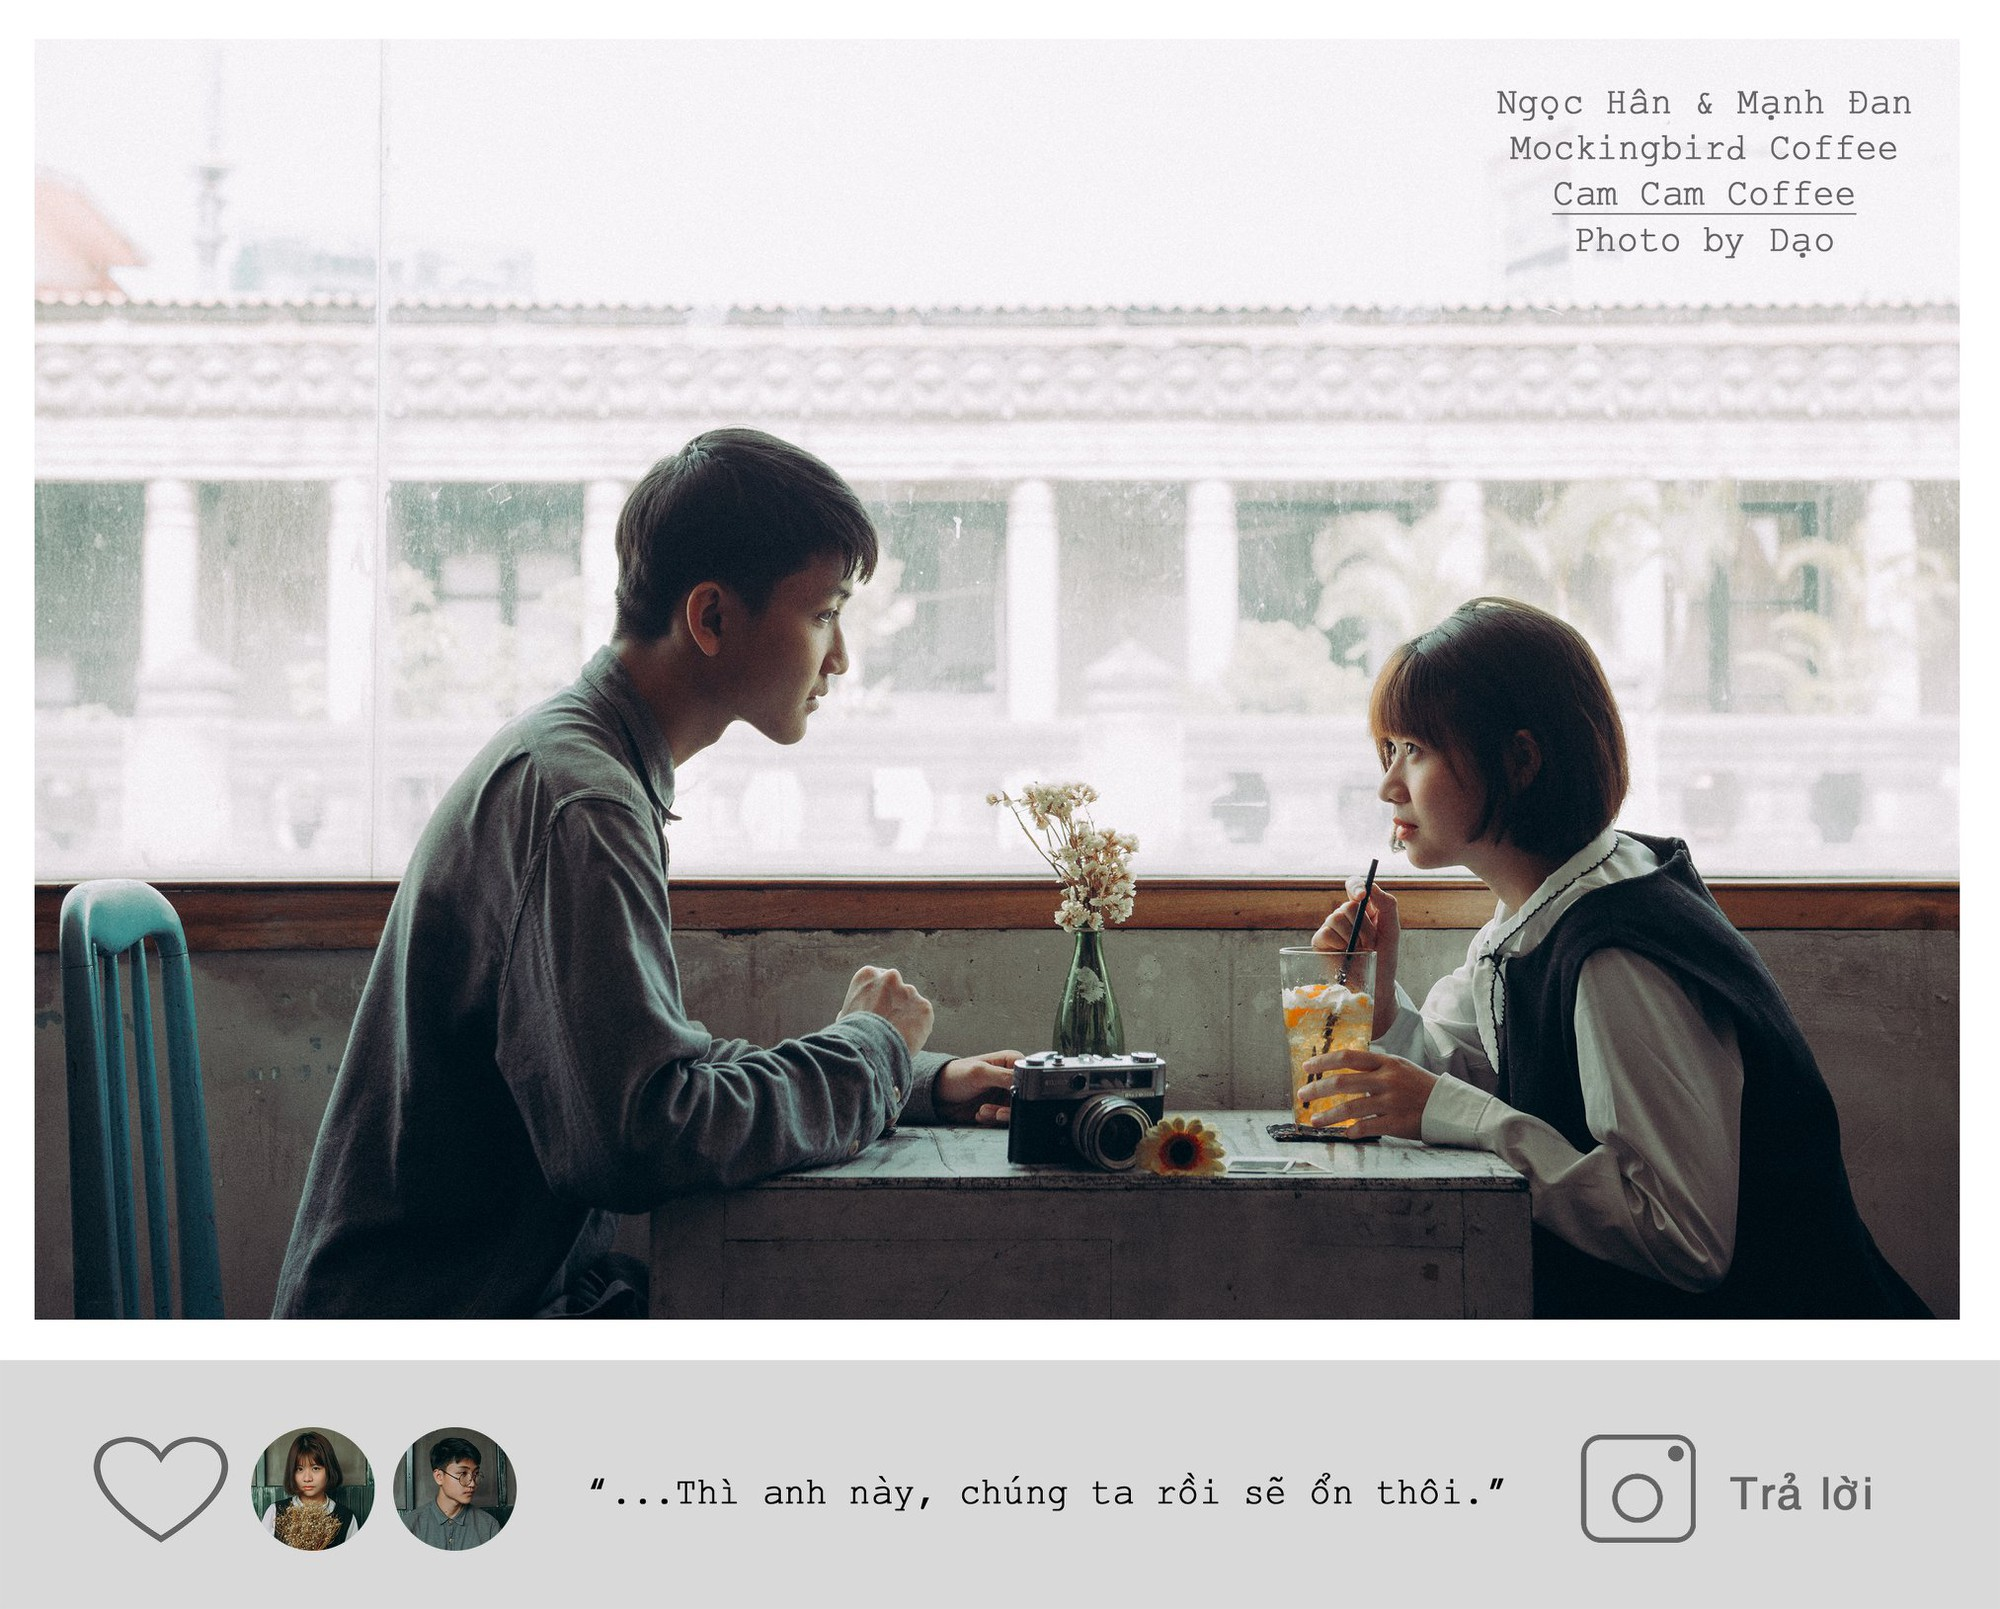 """Chắc hẳn bạn vẫn còn nhớ Mạnh Đan (sinh năm 2001) và Ngọc Hân (sinh năm 2000), couple siêu dễ thương đến từ trường Trưng Vương, từng gây sốt với mối tình tuổi học trò trong bộ ảnh """"Gửi thanh xuân"""" chứ?"""